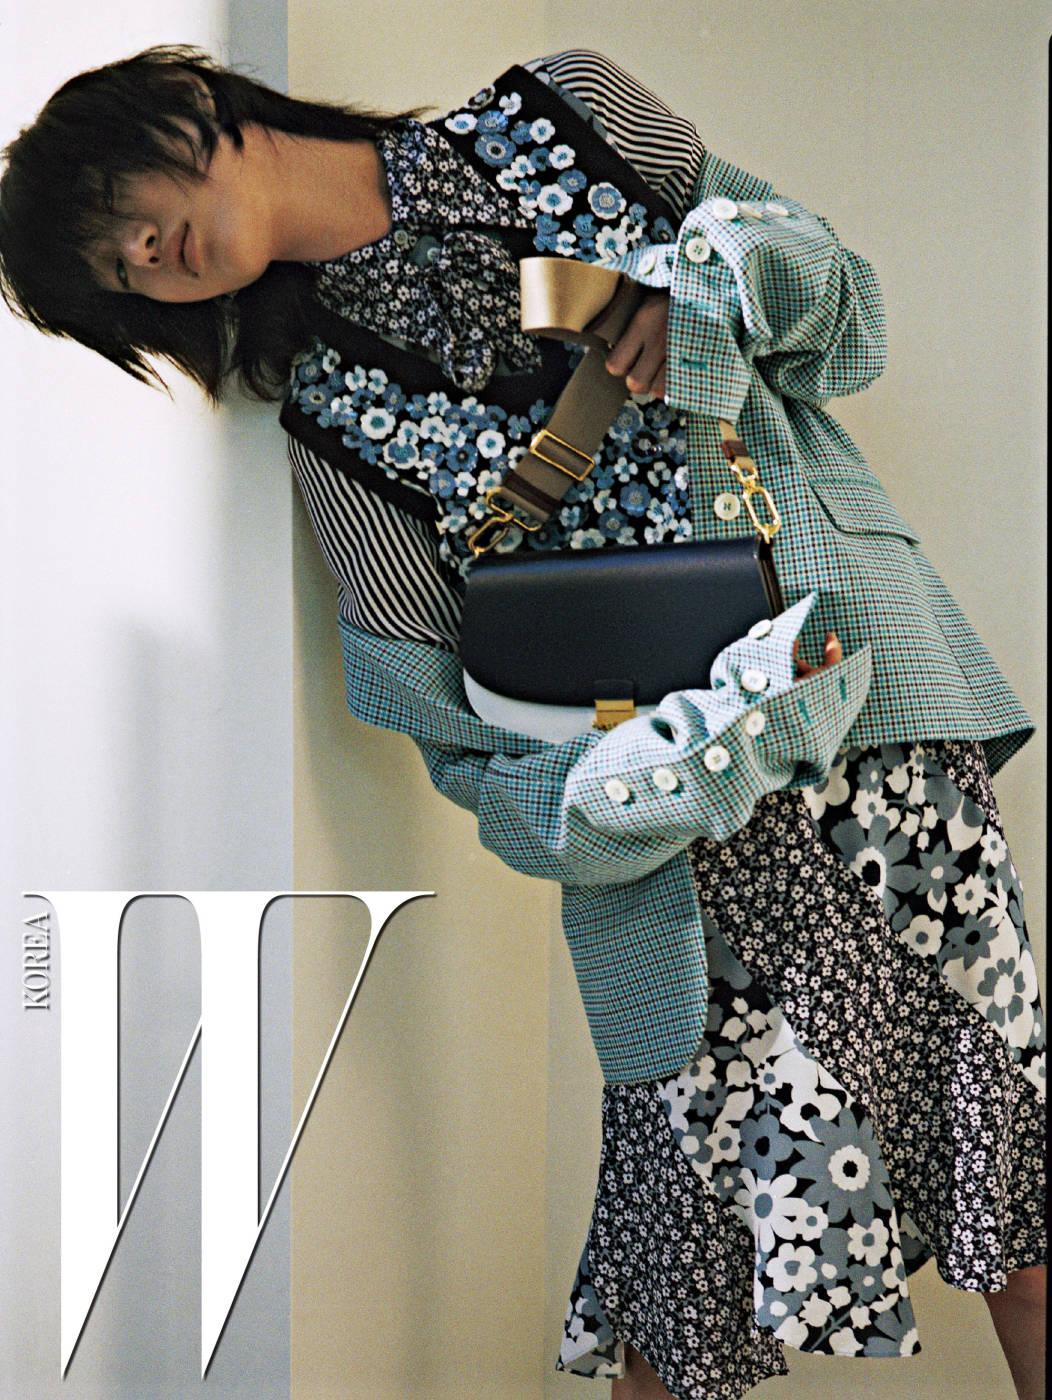 체크 패턴 테일러드 재킷, 꽃과 줄무늬 프린트가 어우러진 셔츠, 꽃 장식 베스트, 두 가지 꽃무늬가 어우러진 스커트, 간결한 숄더백은 모두 Michael Kors Collection 제품.